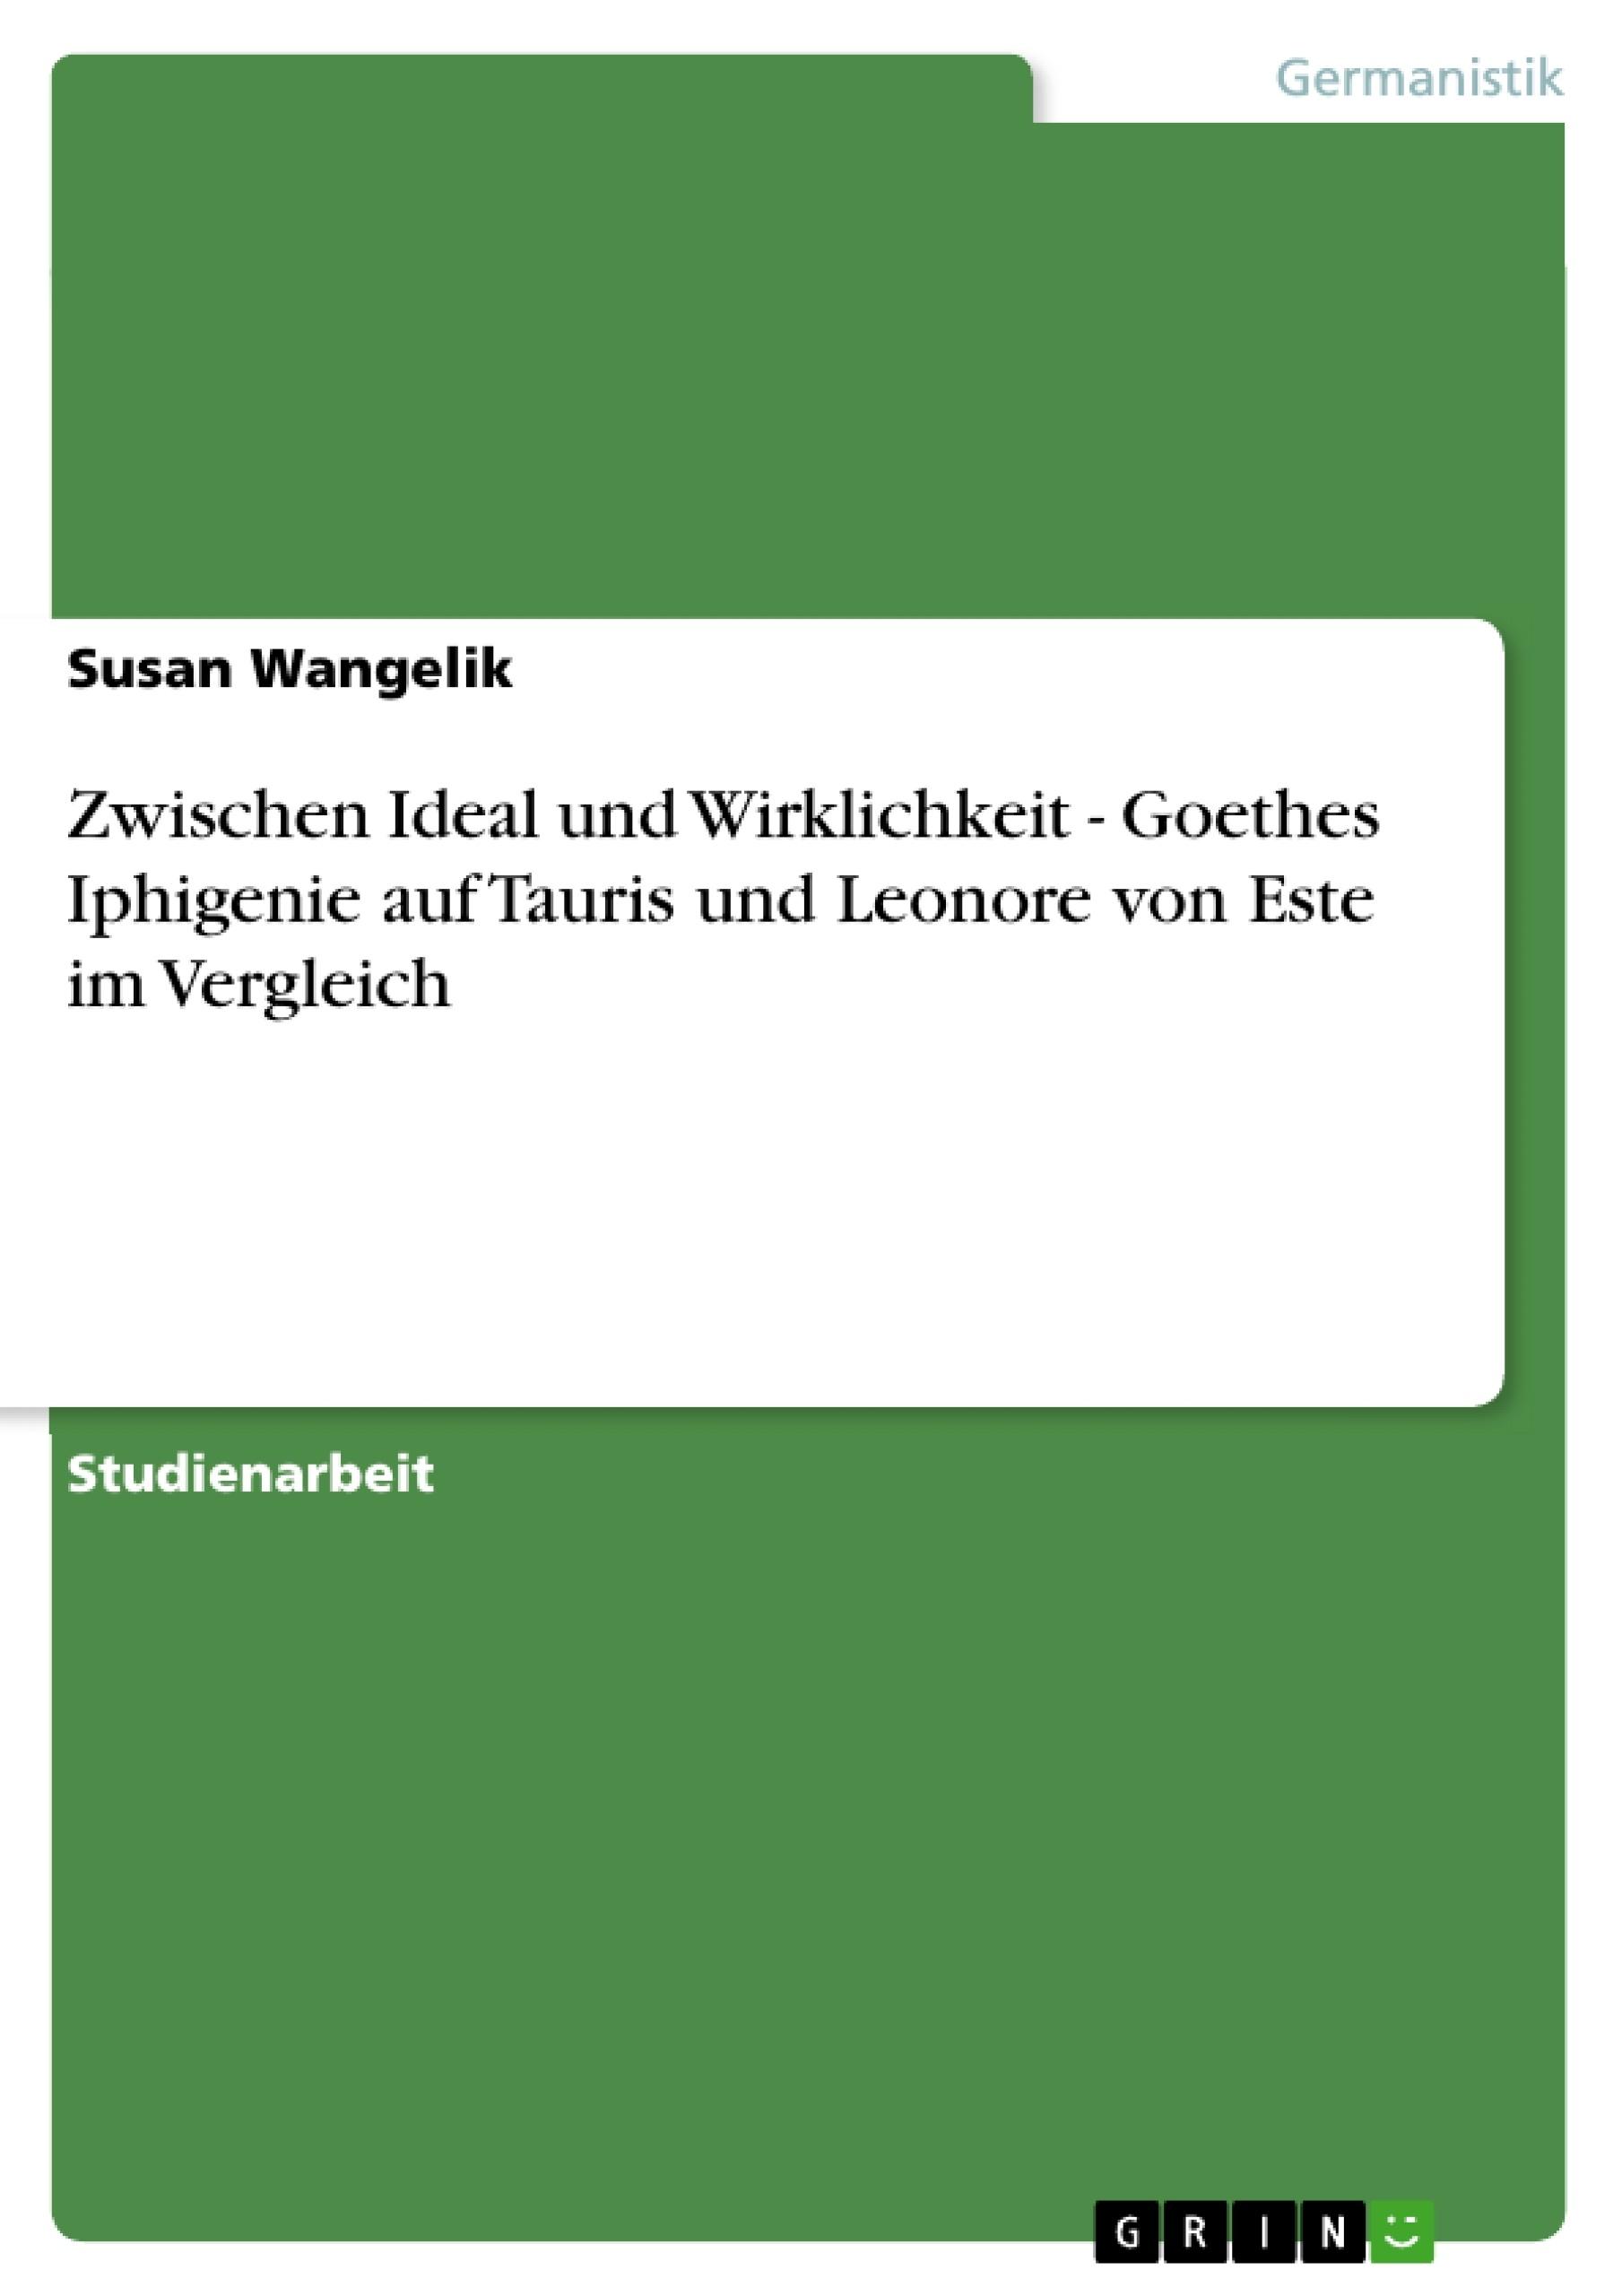 Titel: Zwischen Ideal und Wirklichkeit - Goethes Iphigenie auf Tauris und Leonore von Este im Vergleich